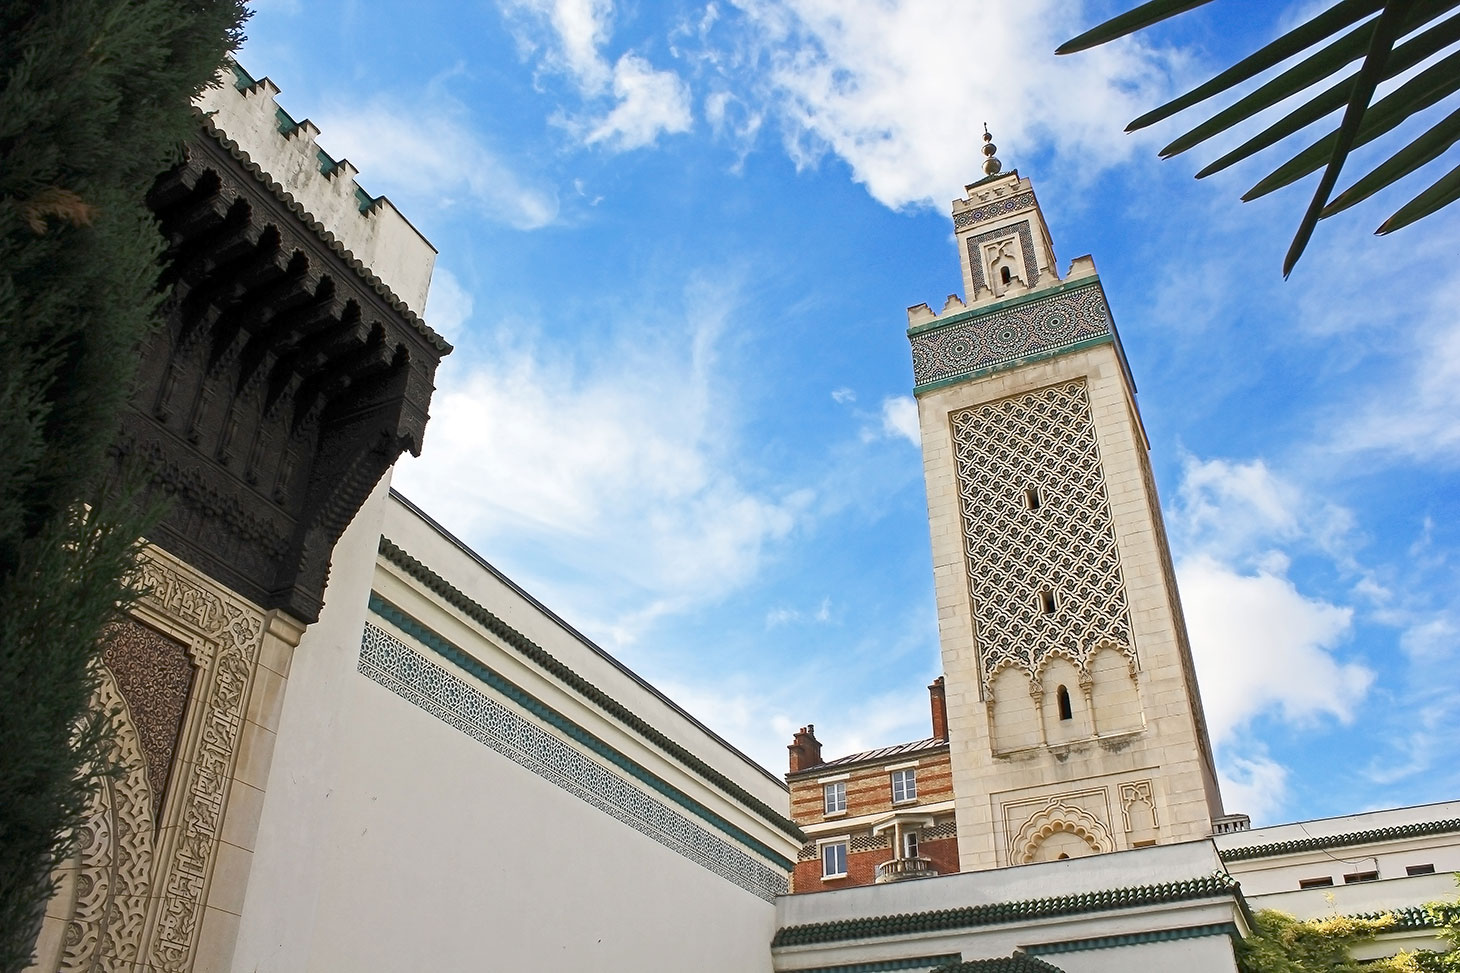 Vue depuis la cour intérieure de la Grande mosquée de Paris. youssef errami/Flickr, CC BY-NC